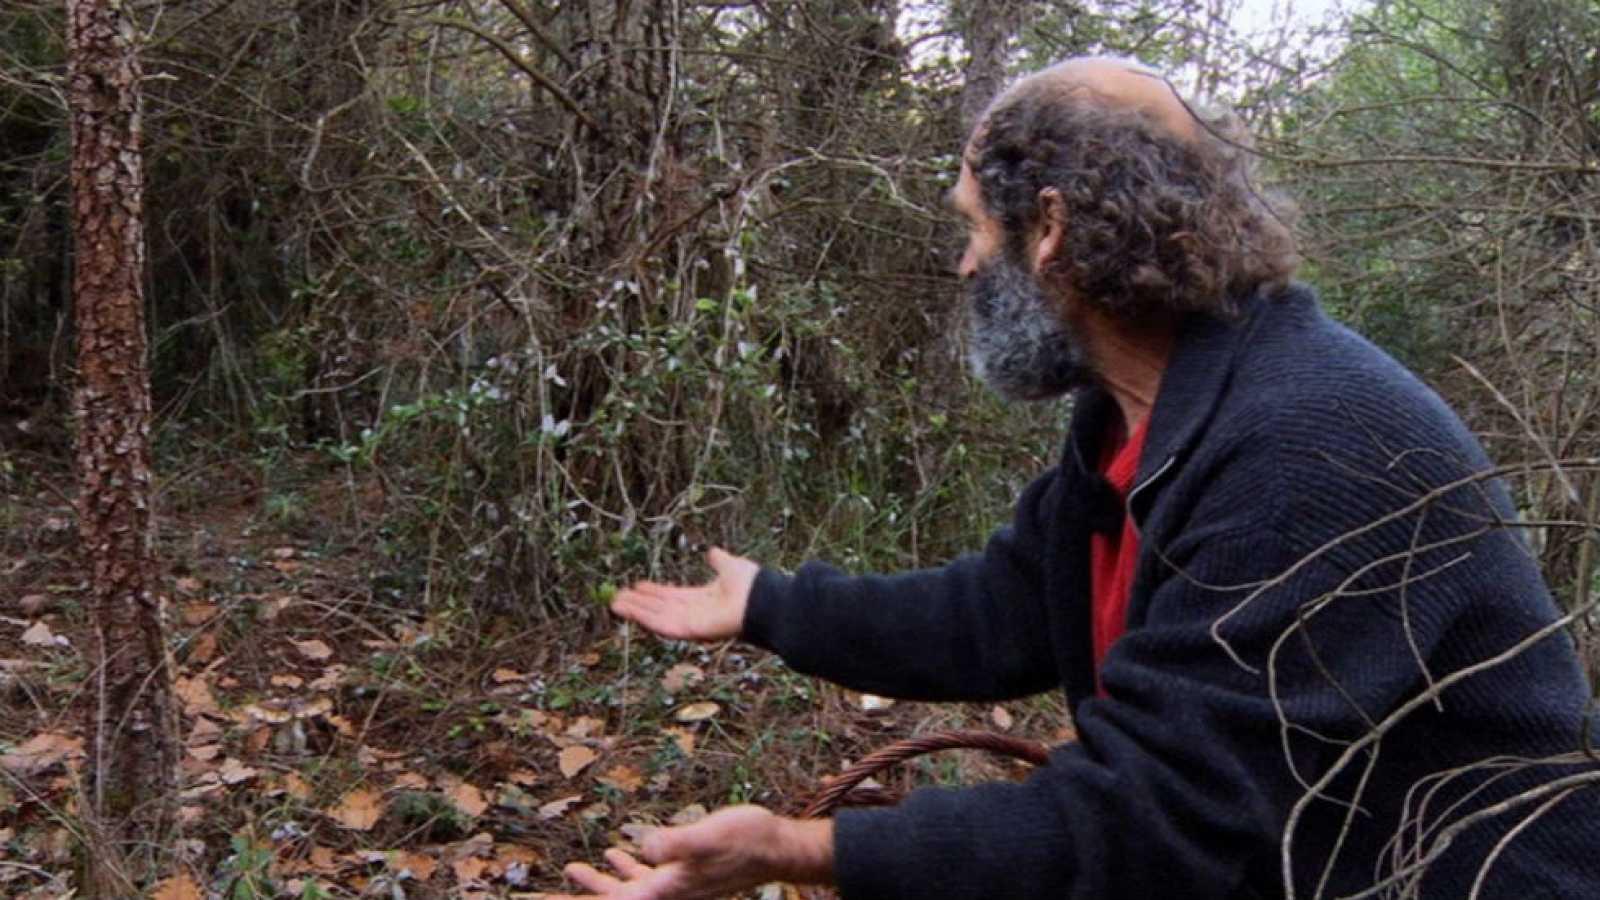 El señor de los bosques, entre setas